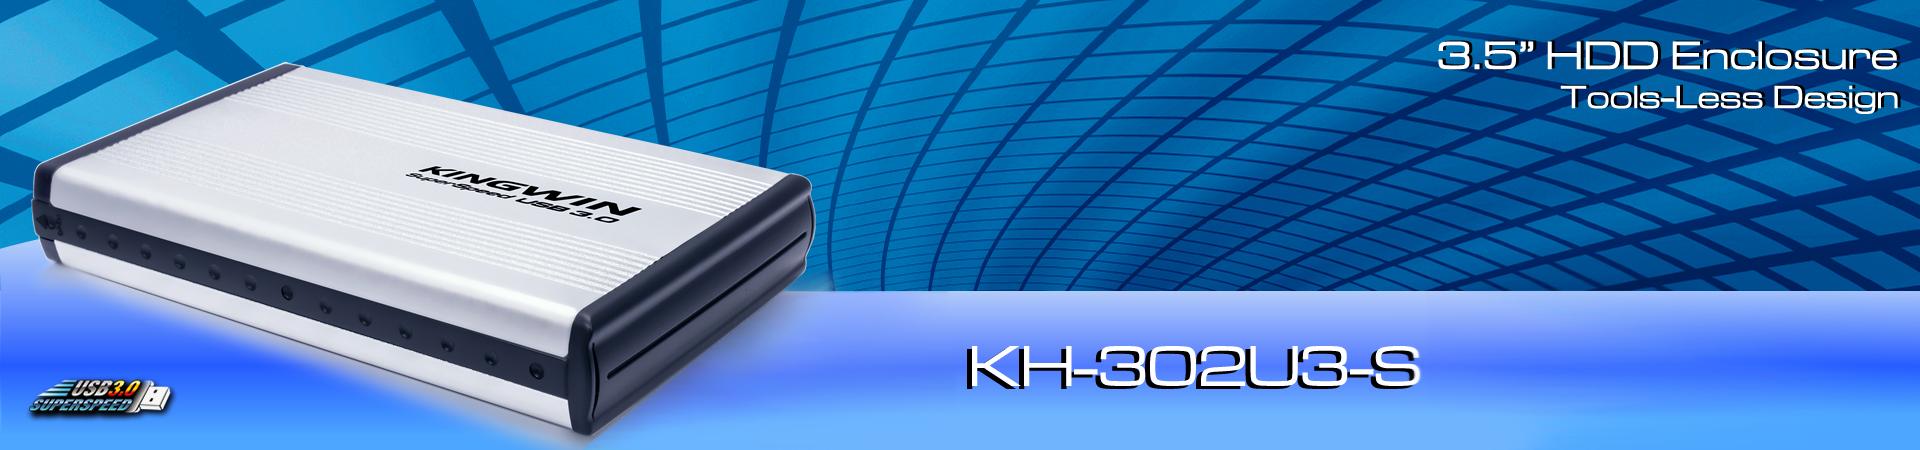 KF-253-S-Banner